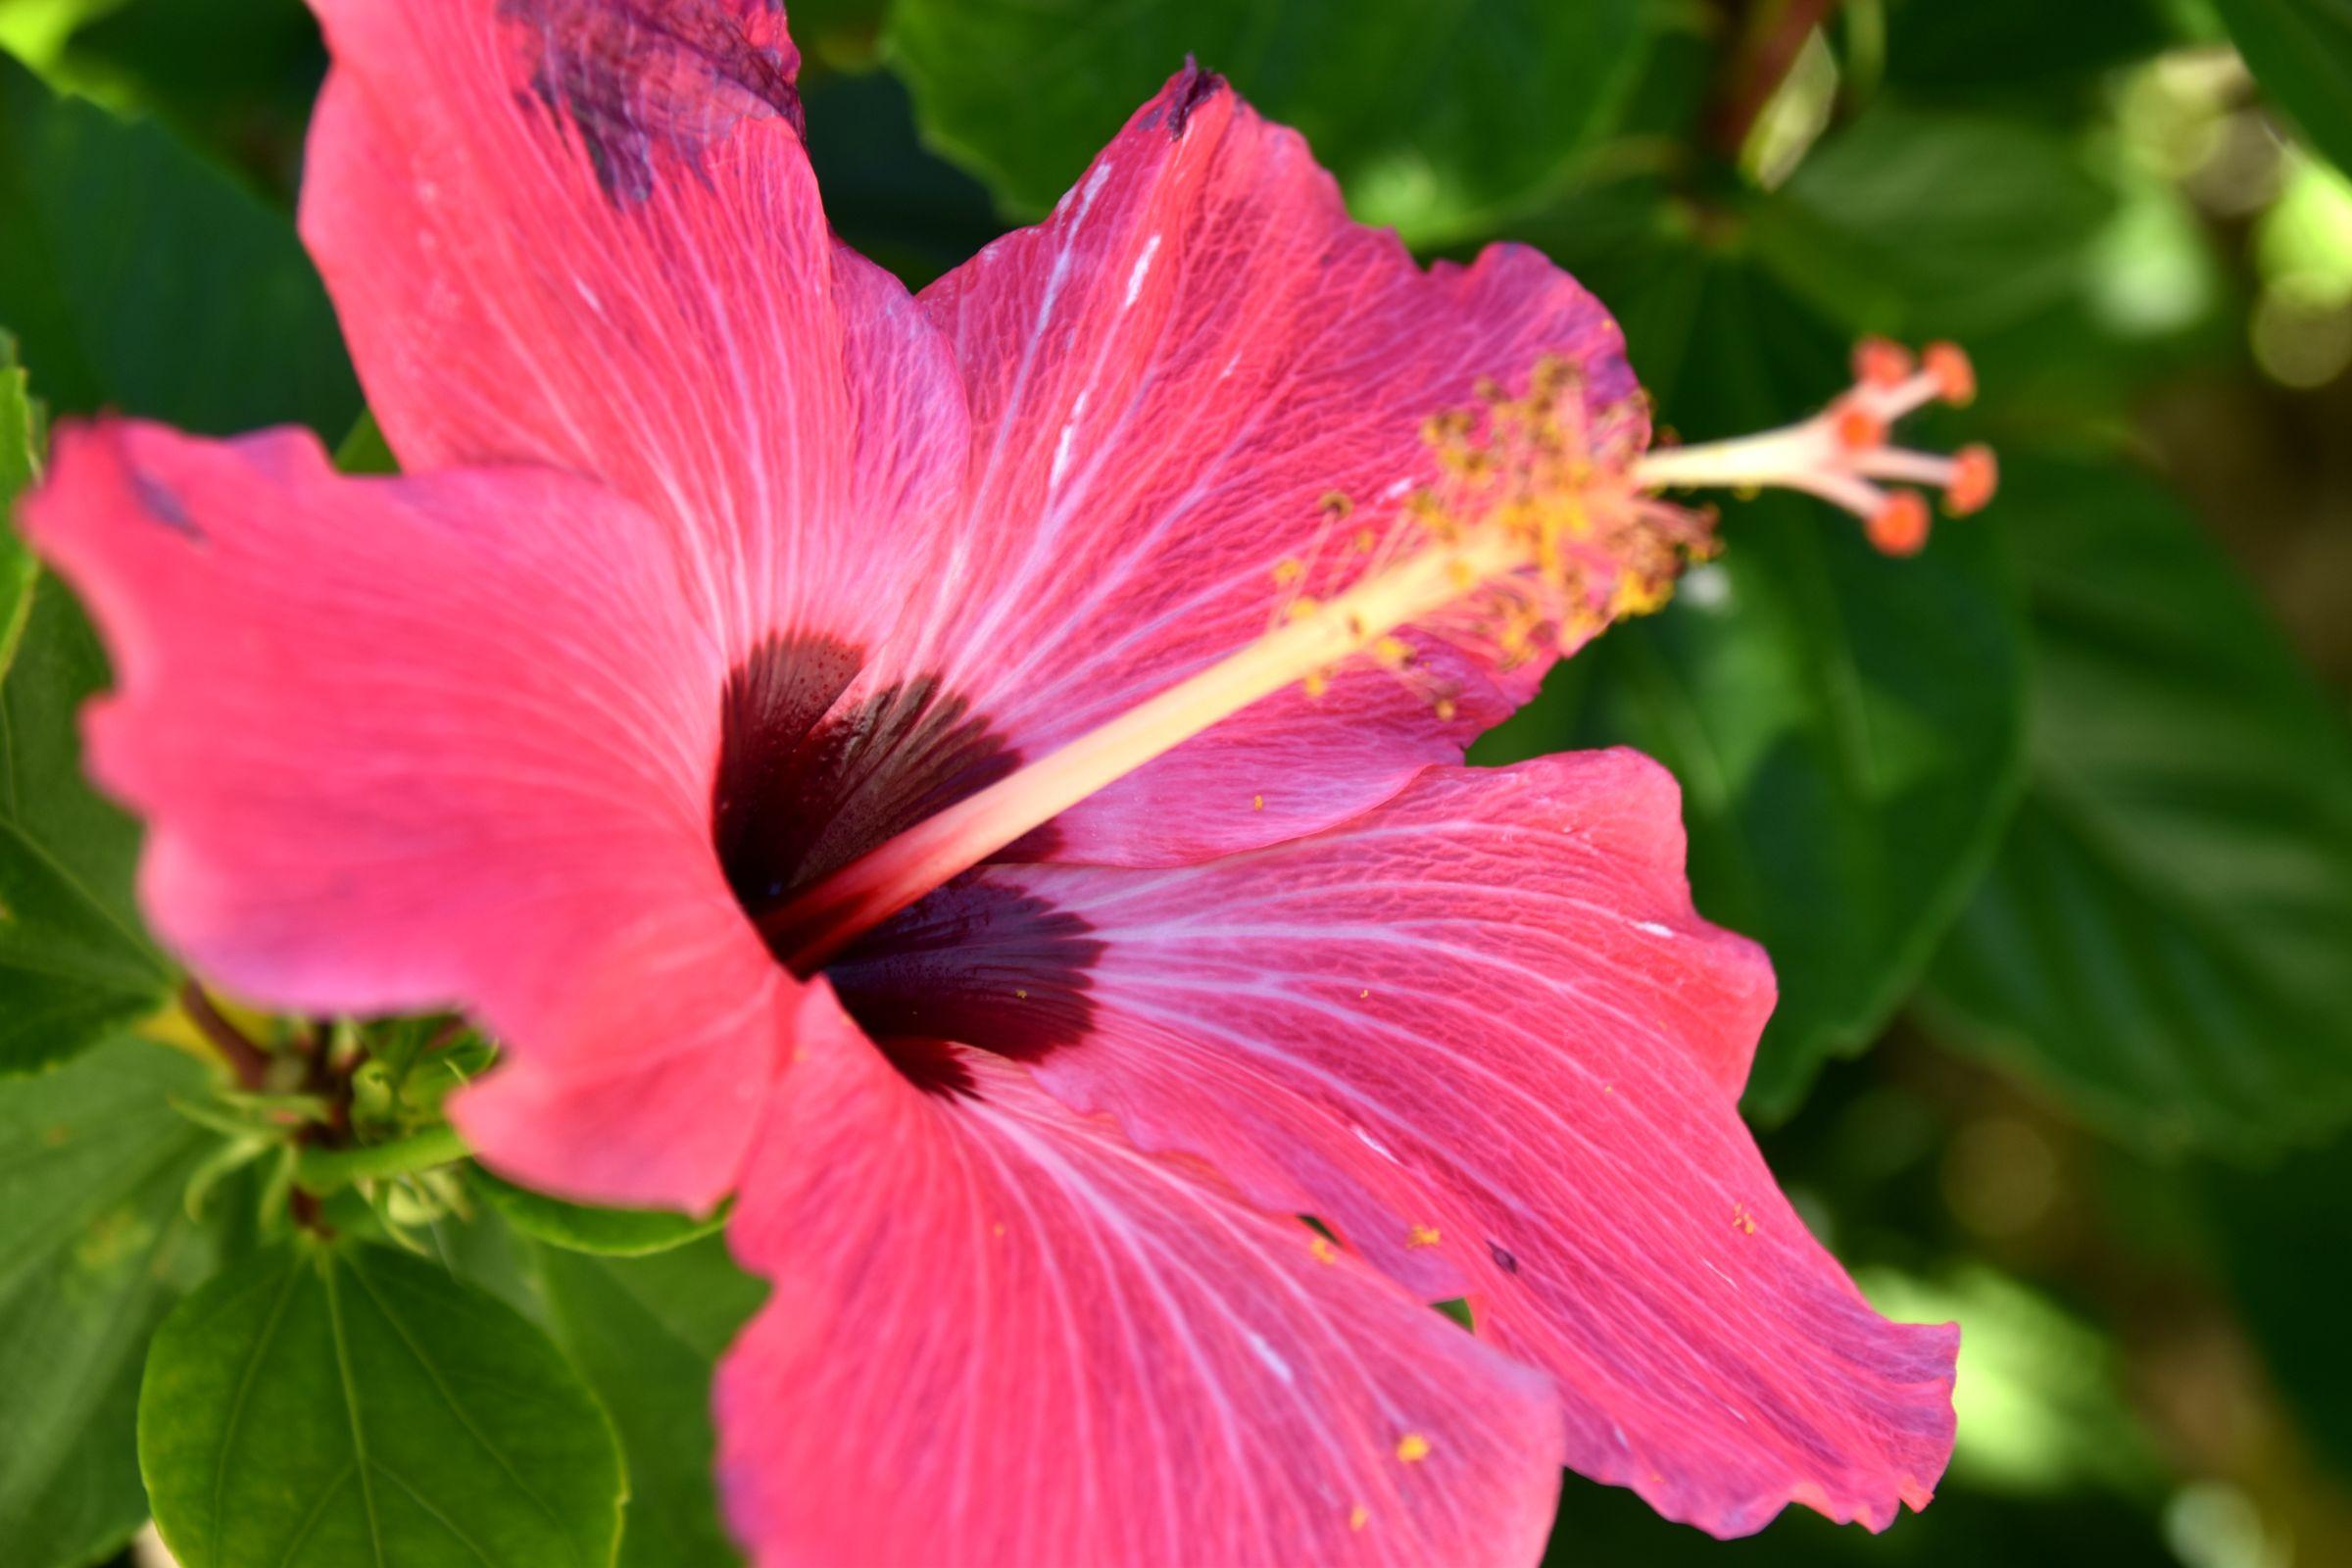 沖縄旅行記 ~沖縄の観光スポットを7つ紹介~